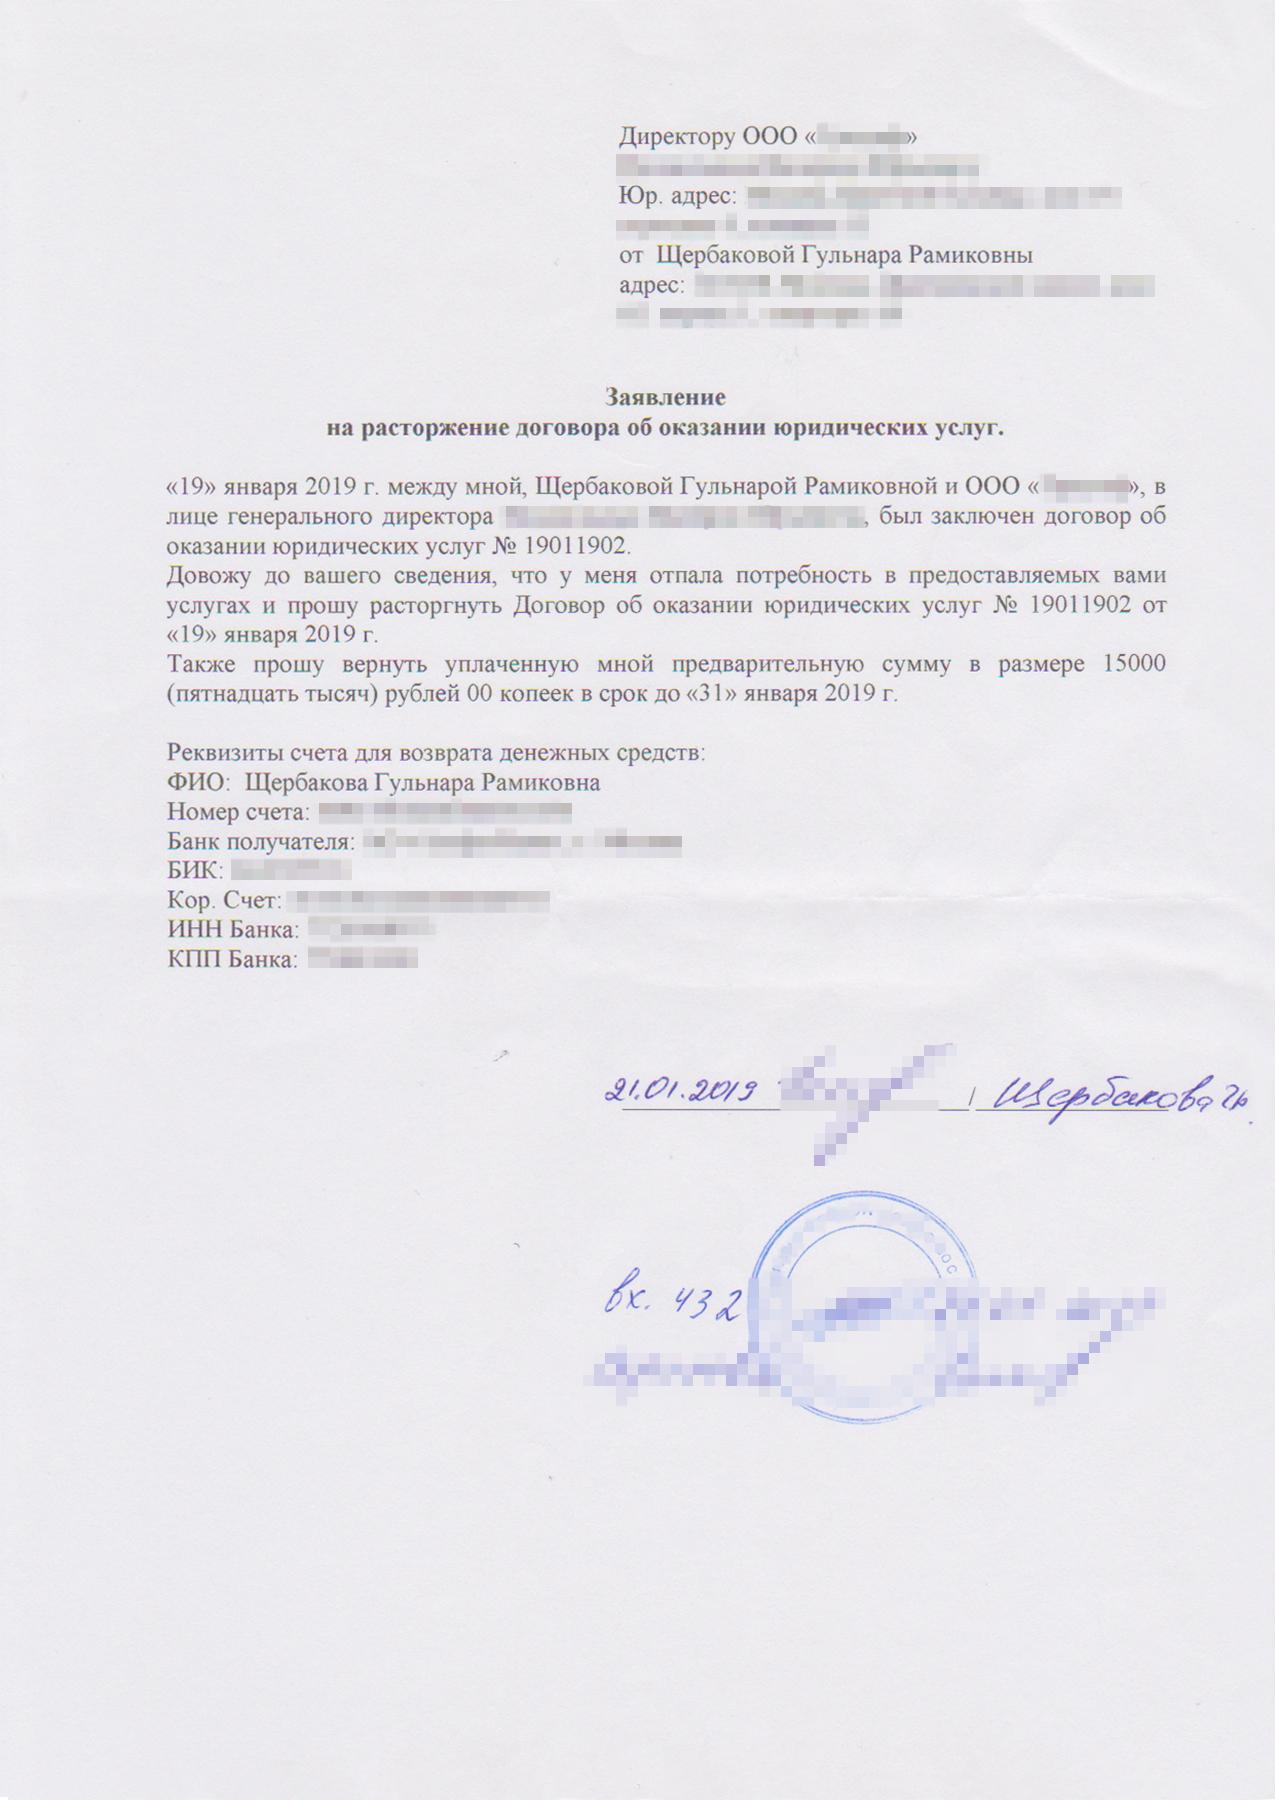 Мое заявление о расторжении договора с юристами